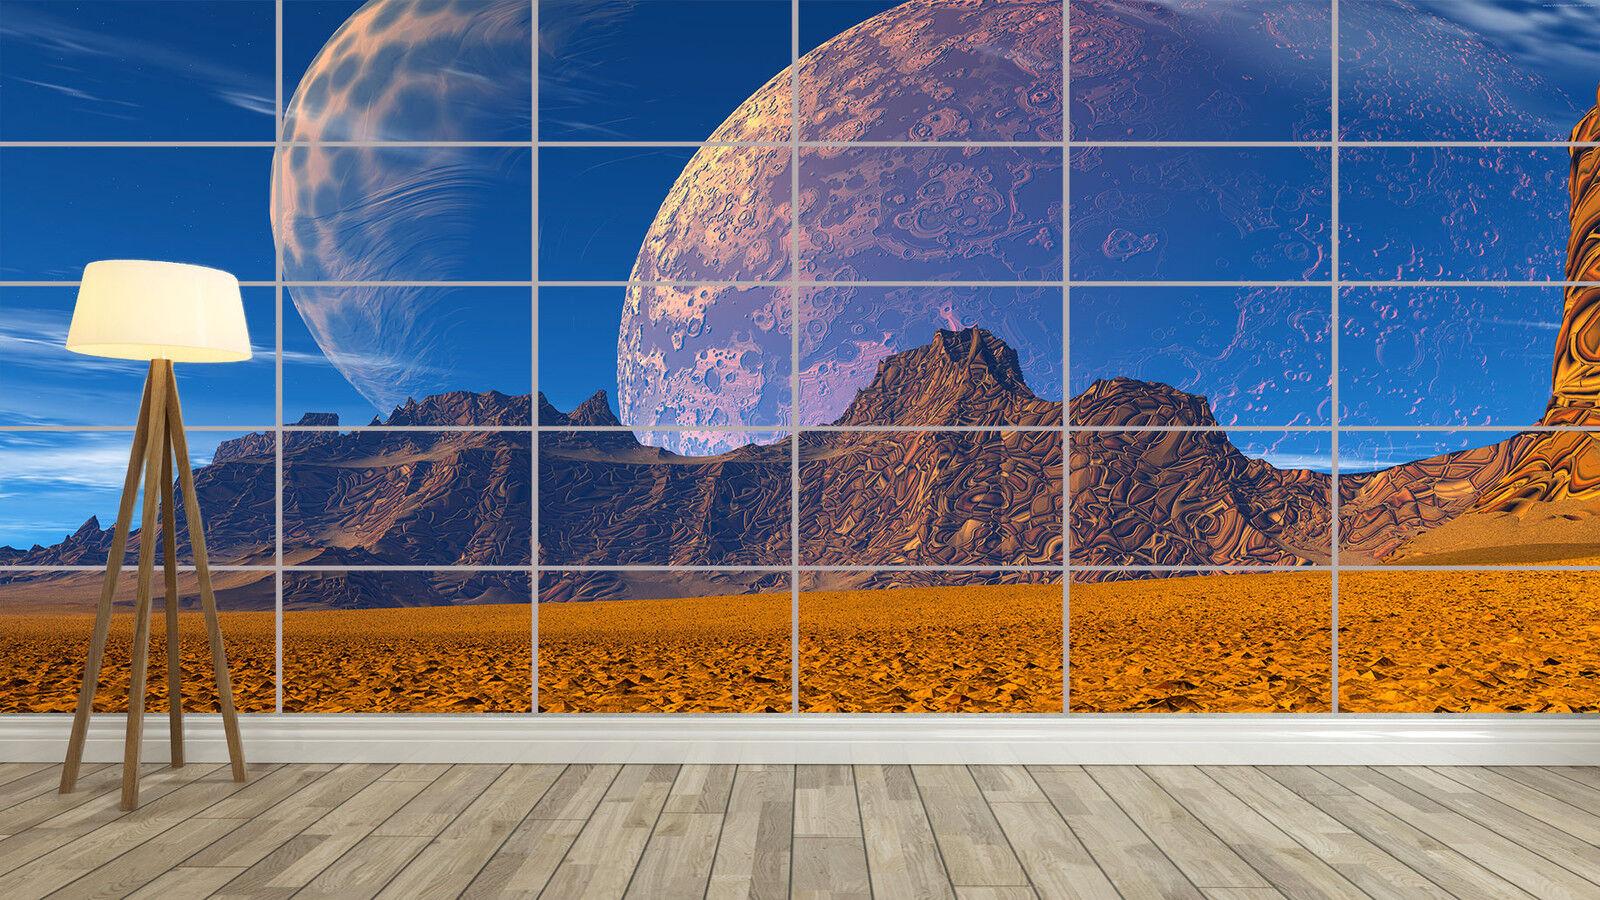 Paysage landschaft digital art geant - poster zu hause 252cmx150 - salon